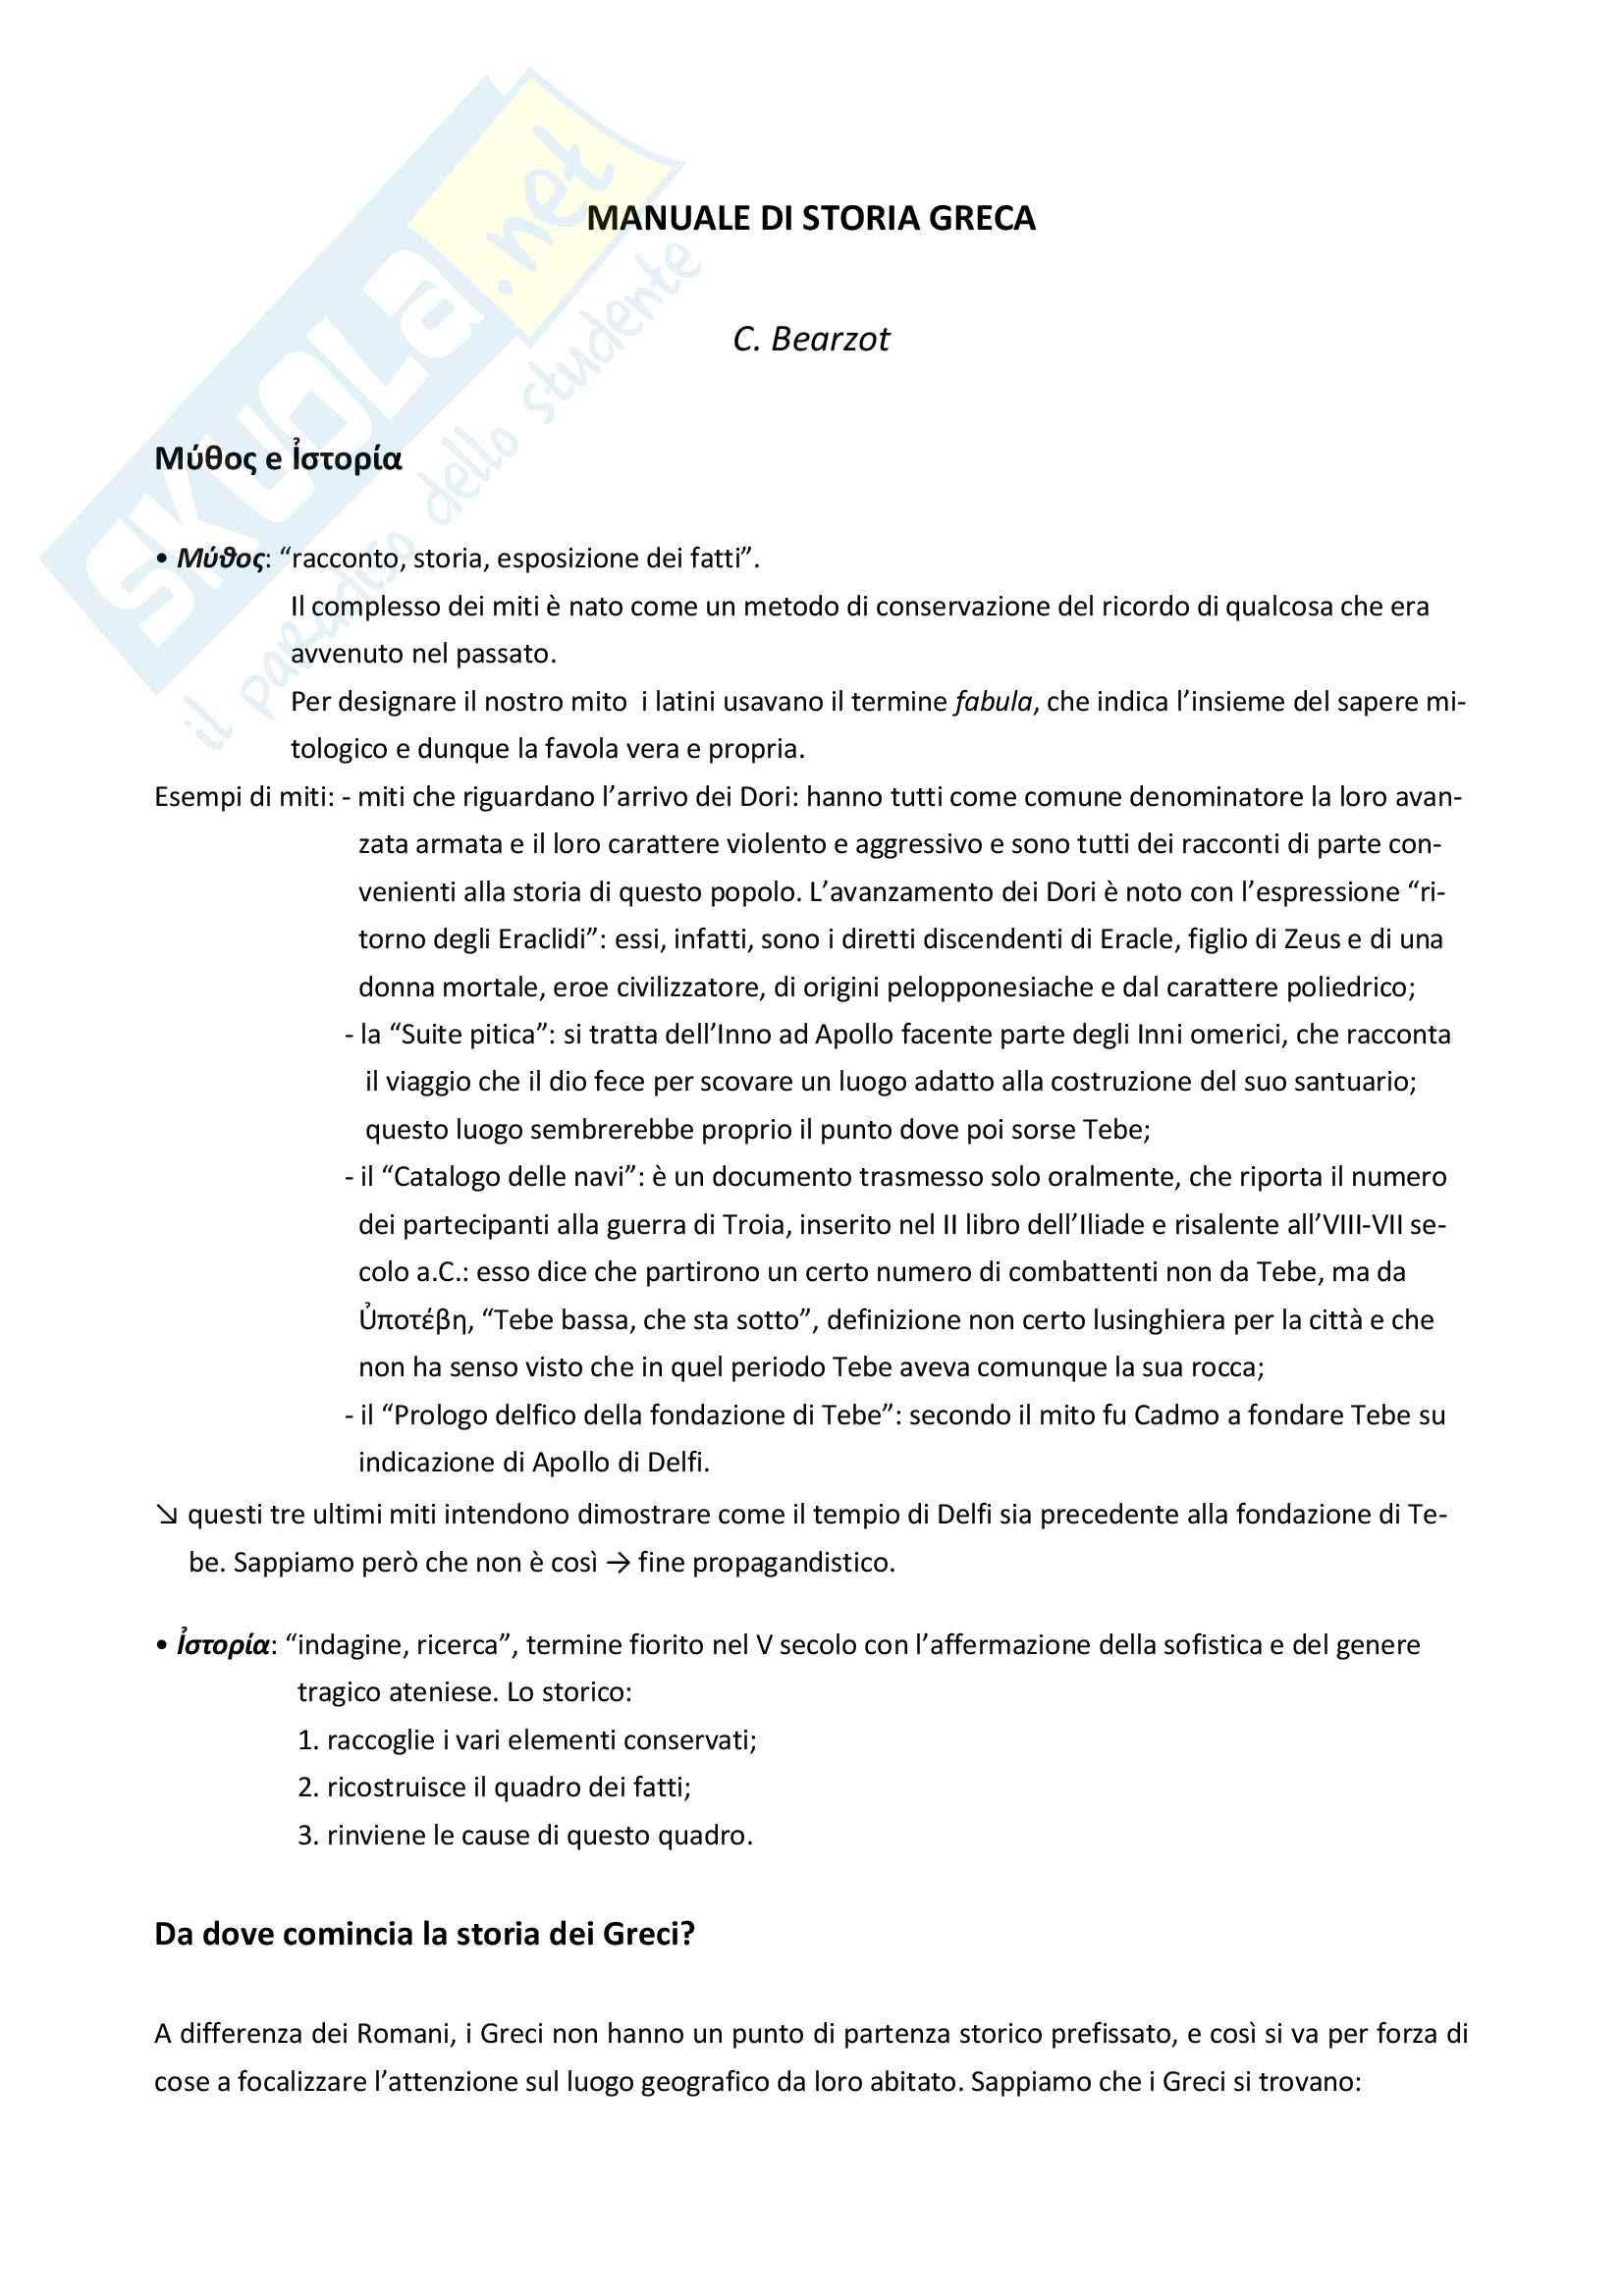 """Riassunto esame storia greca, Prof.ssa Prandi, libro consigliato """"Manuale di storia greca"""" (C. Bearzot)"""